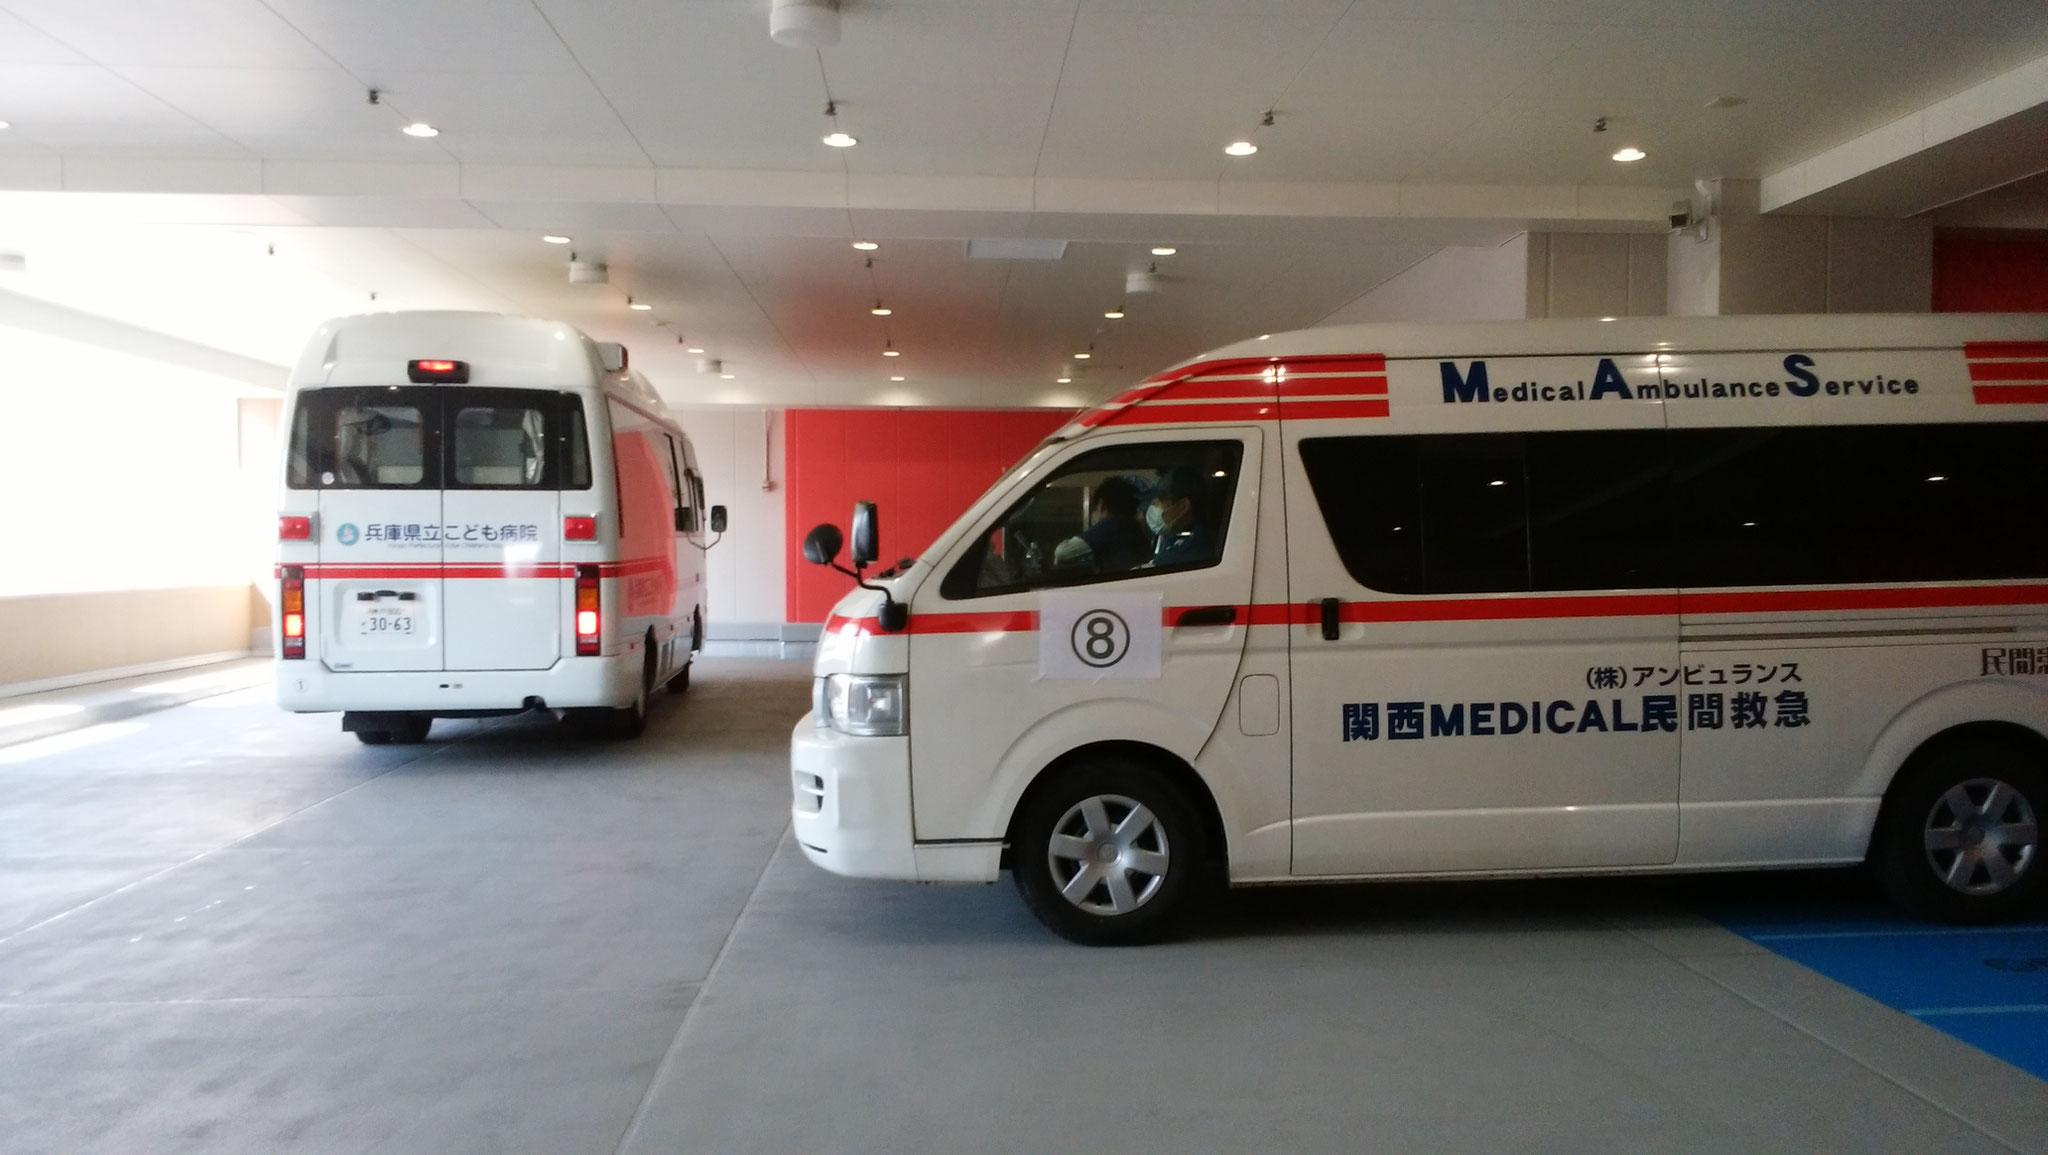 新病院へ到着した民間メディカル搬送車